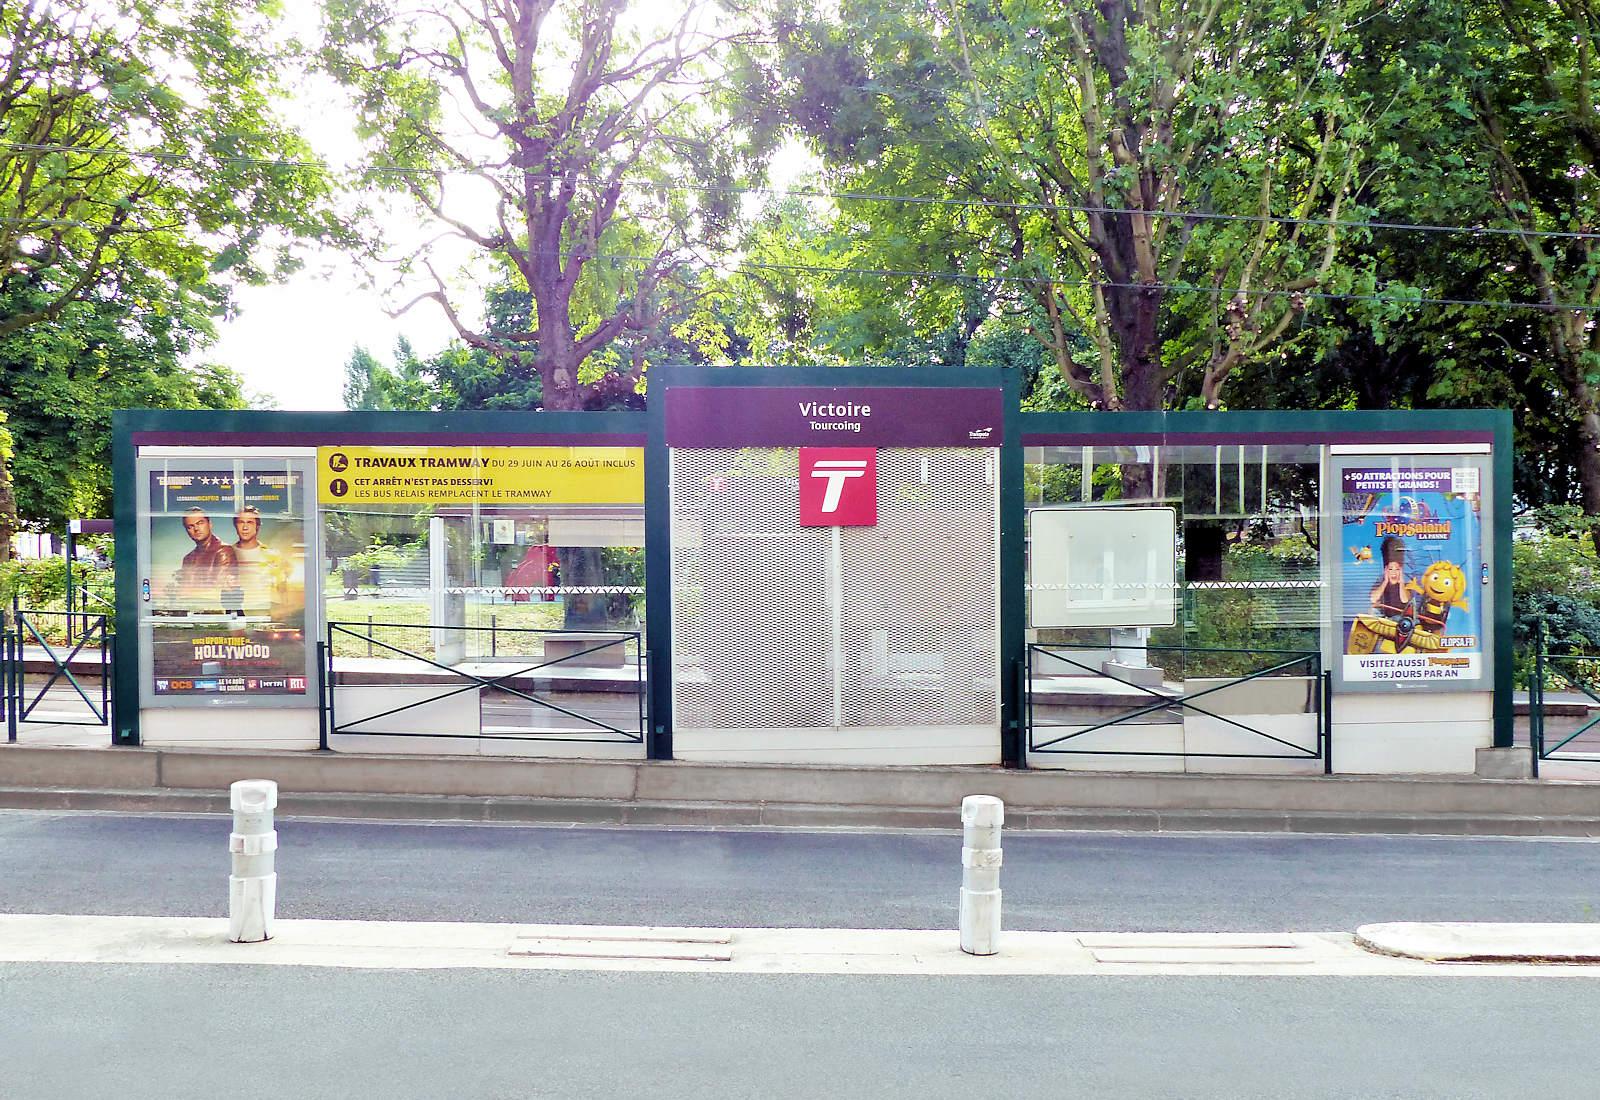 Station Tramway Victoire, Tourcoing, place de la Victoire.